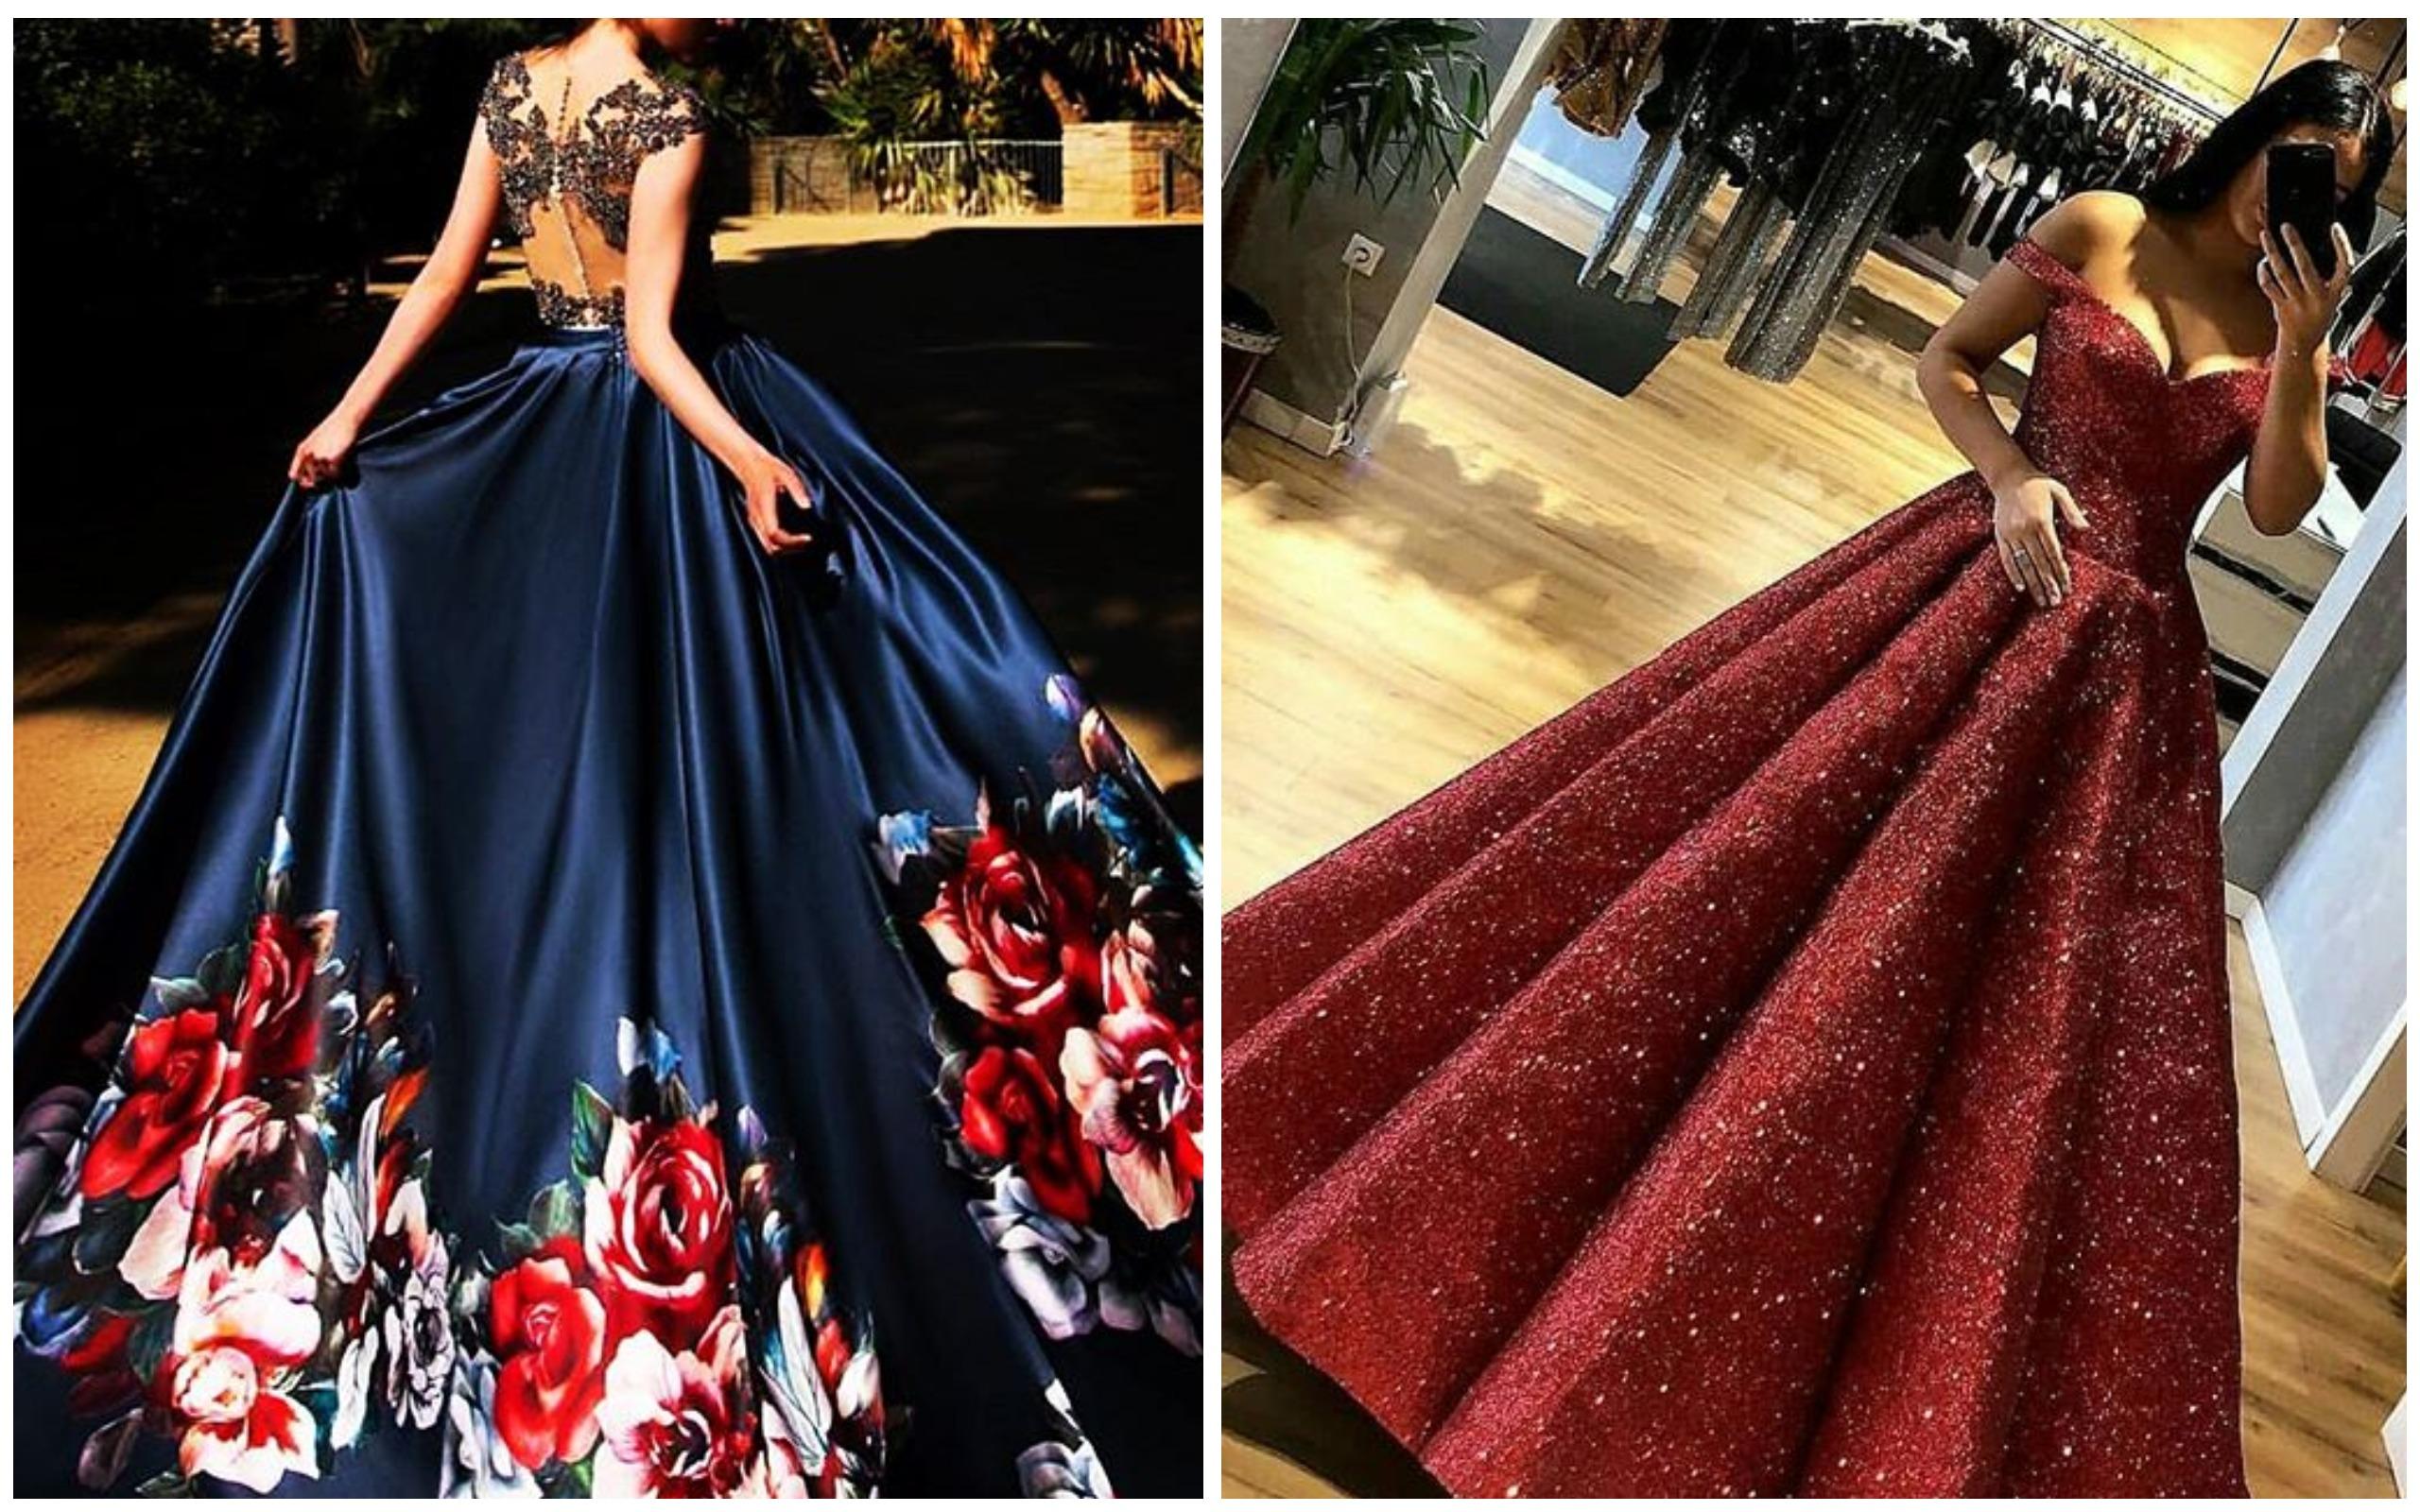 Robes soirée 2020։ les tendances principales des robes de soirée